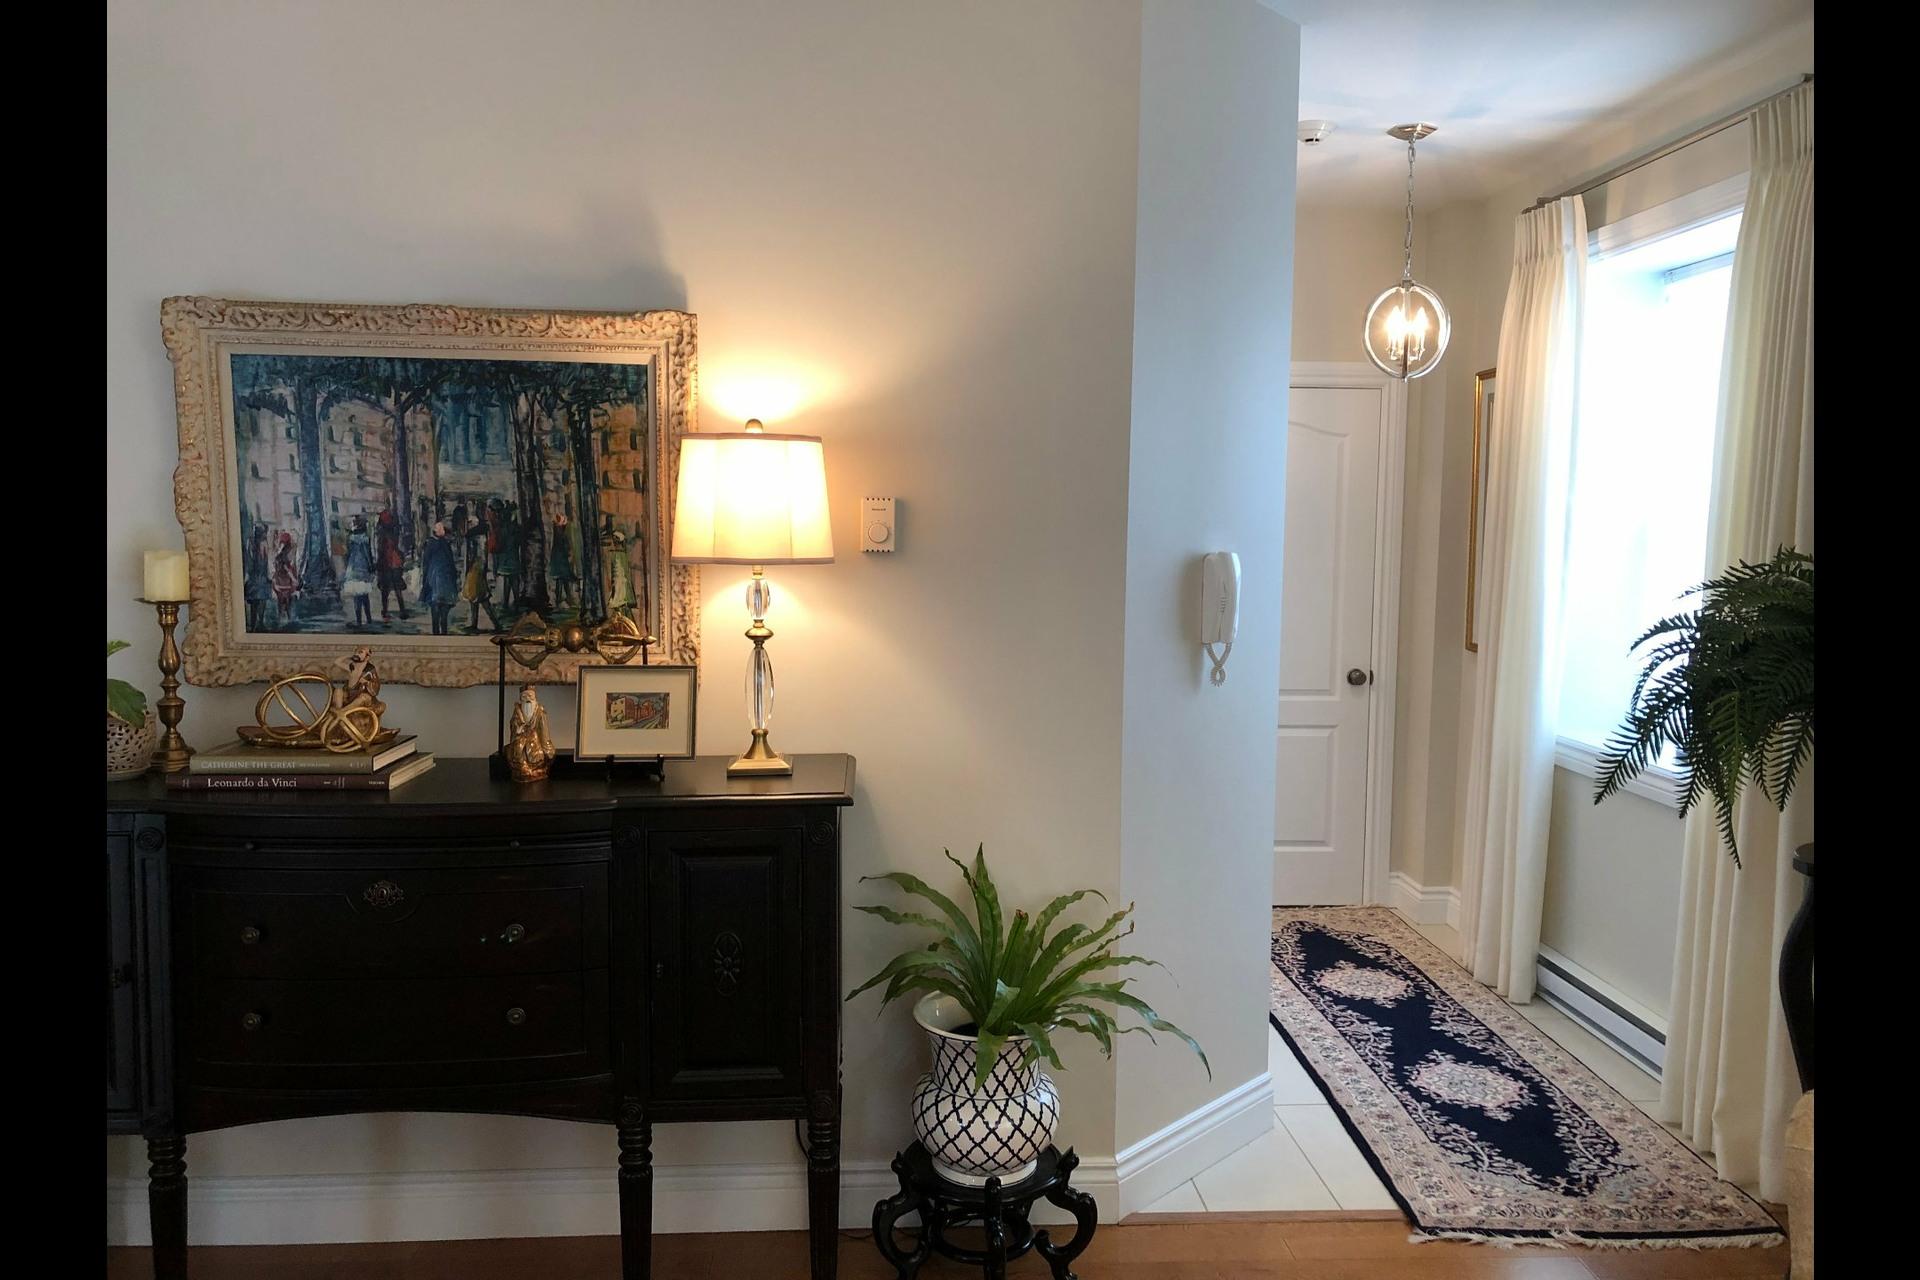 image 7 - Appartement À vendre Côte-des-Neiges/Notre-Dame-de-Grâce Montréal  - 5 pièces